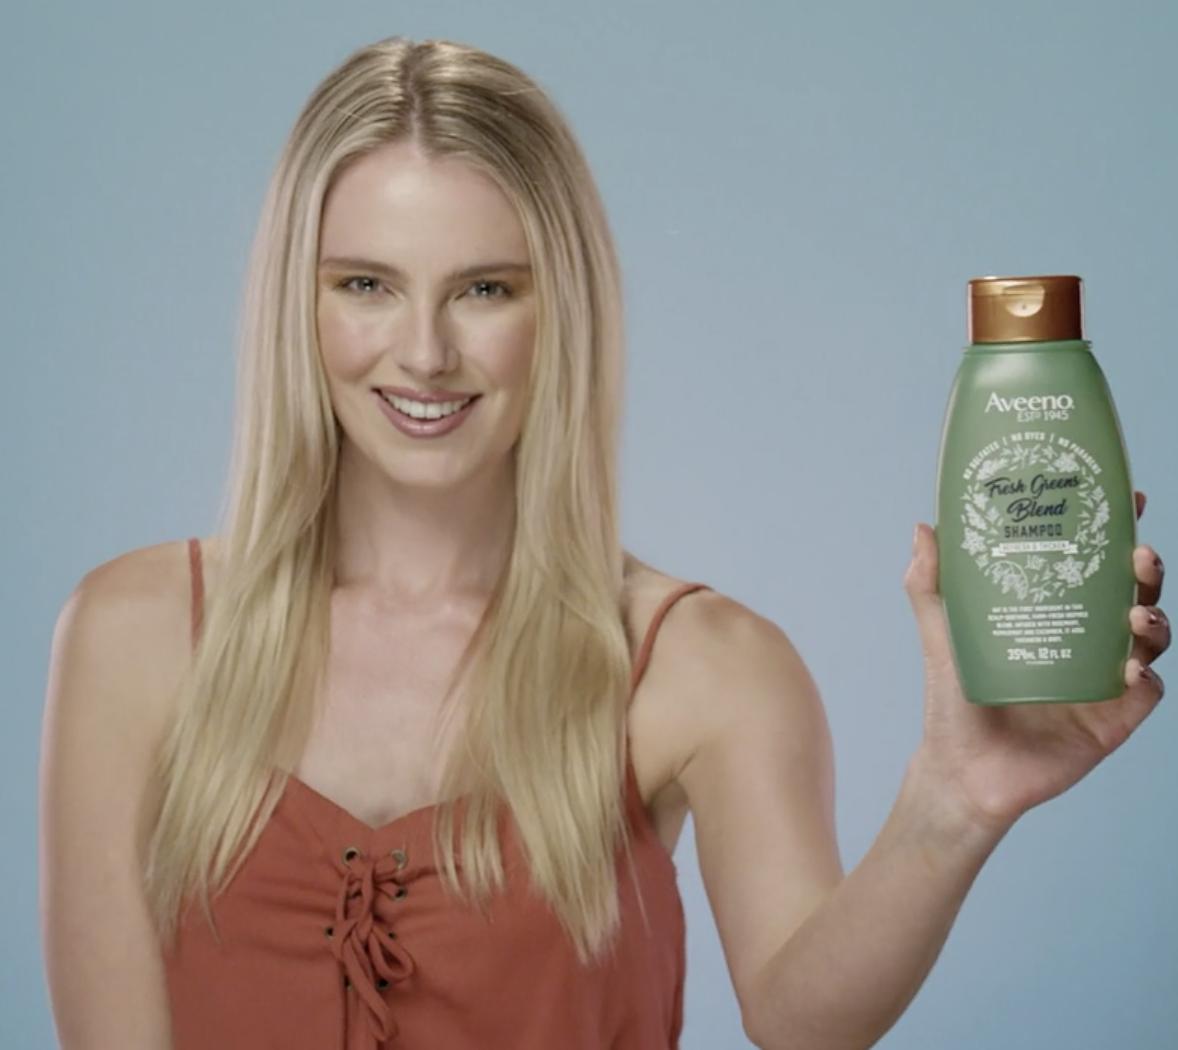 Model holding the green shampoo bottle